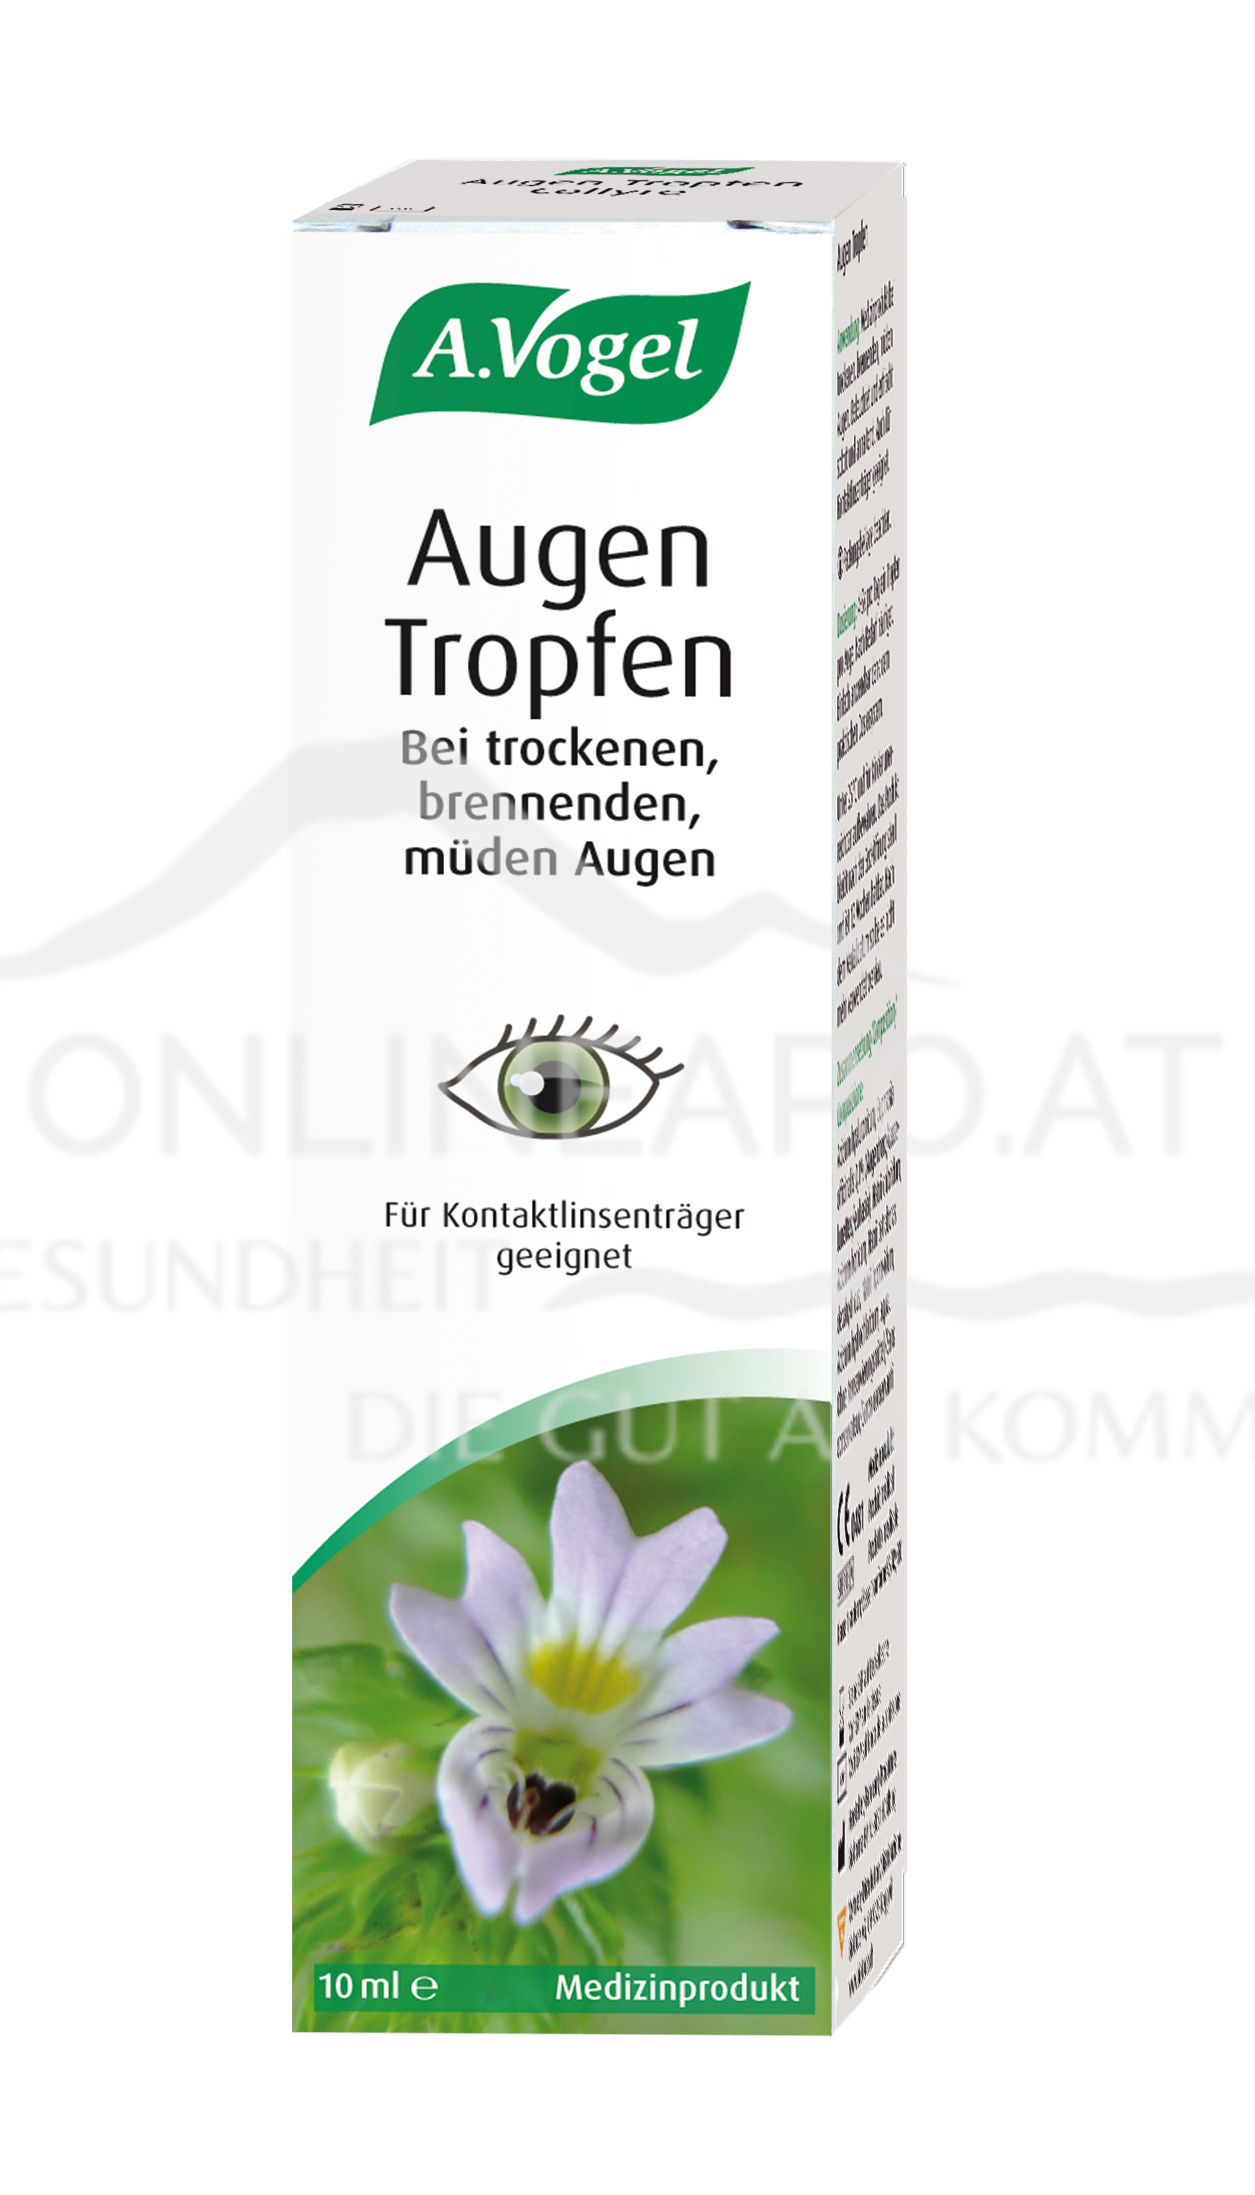 A.Vogel Augentropfen mit Augentrost (Euphrasia)